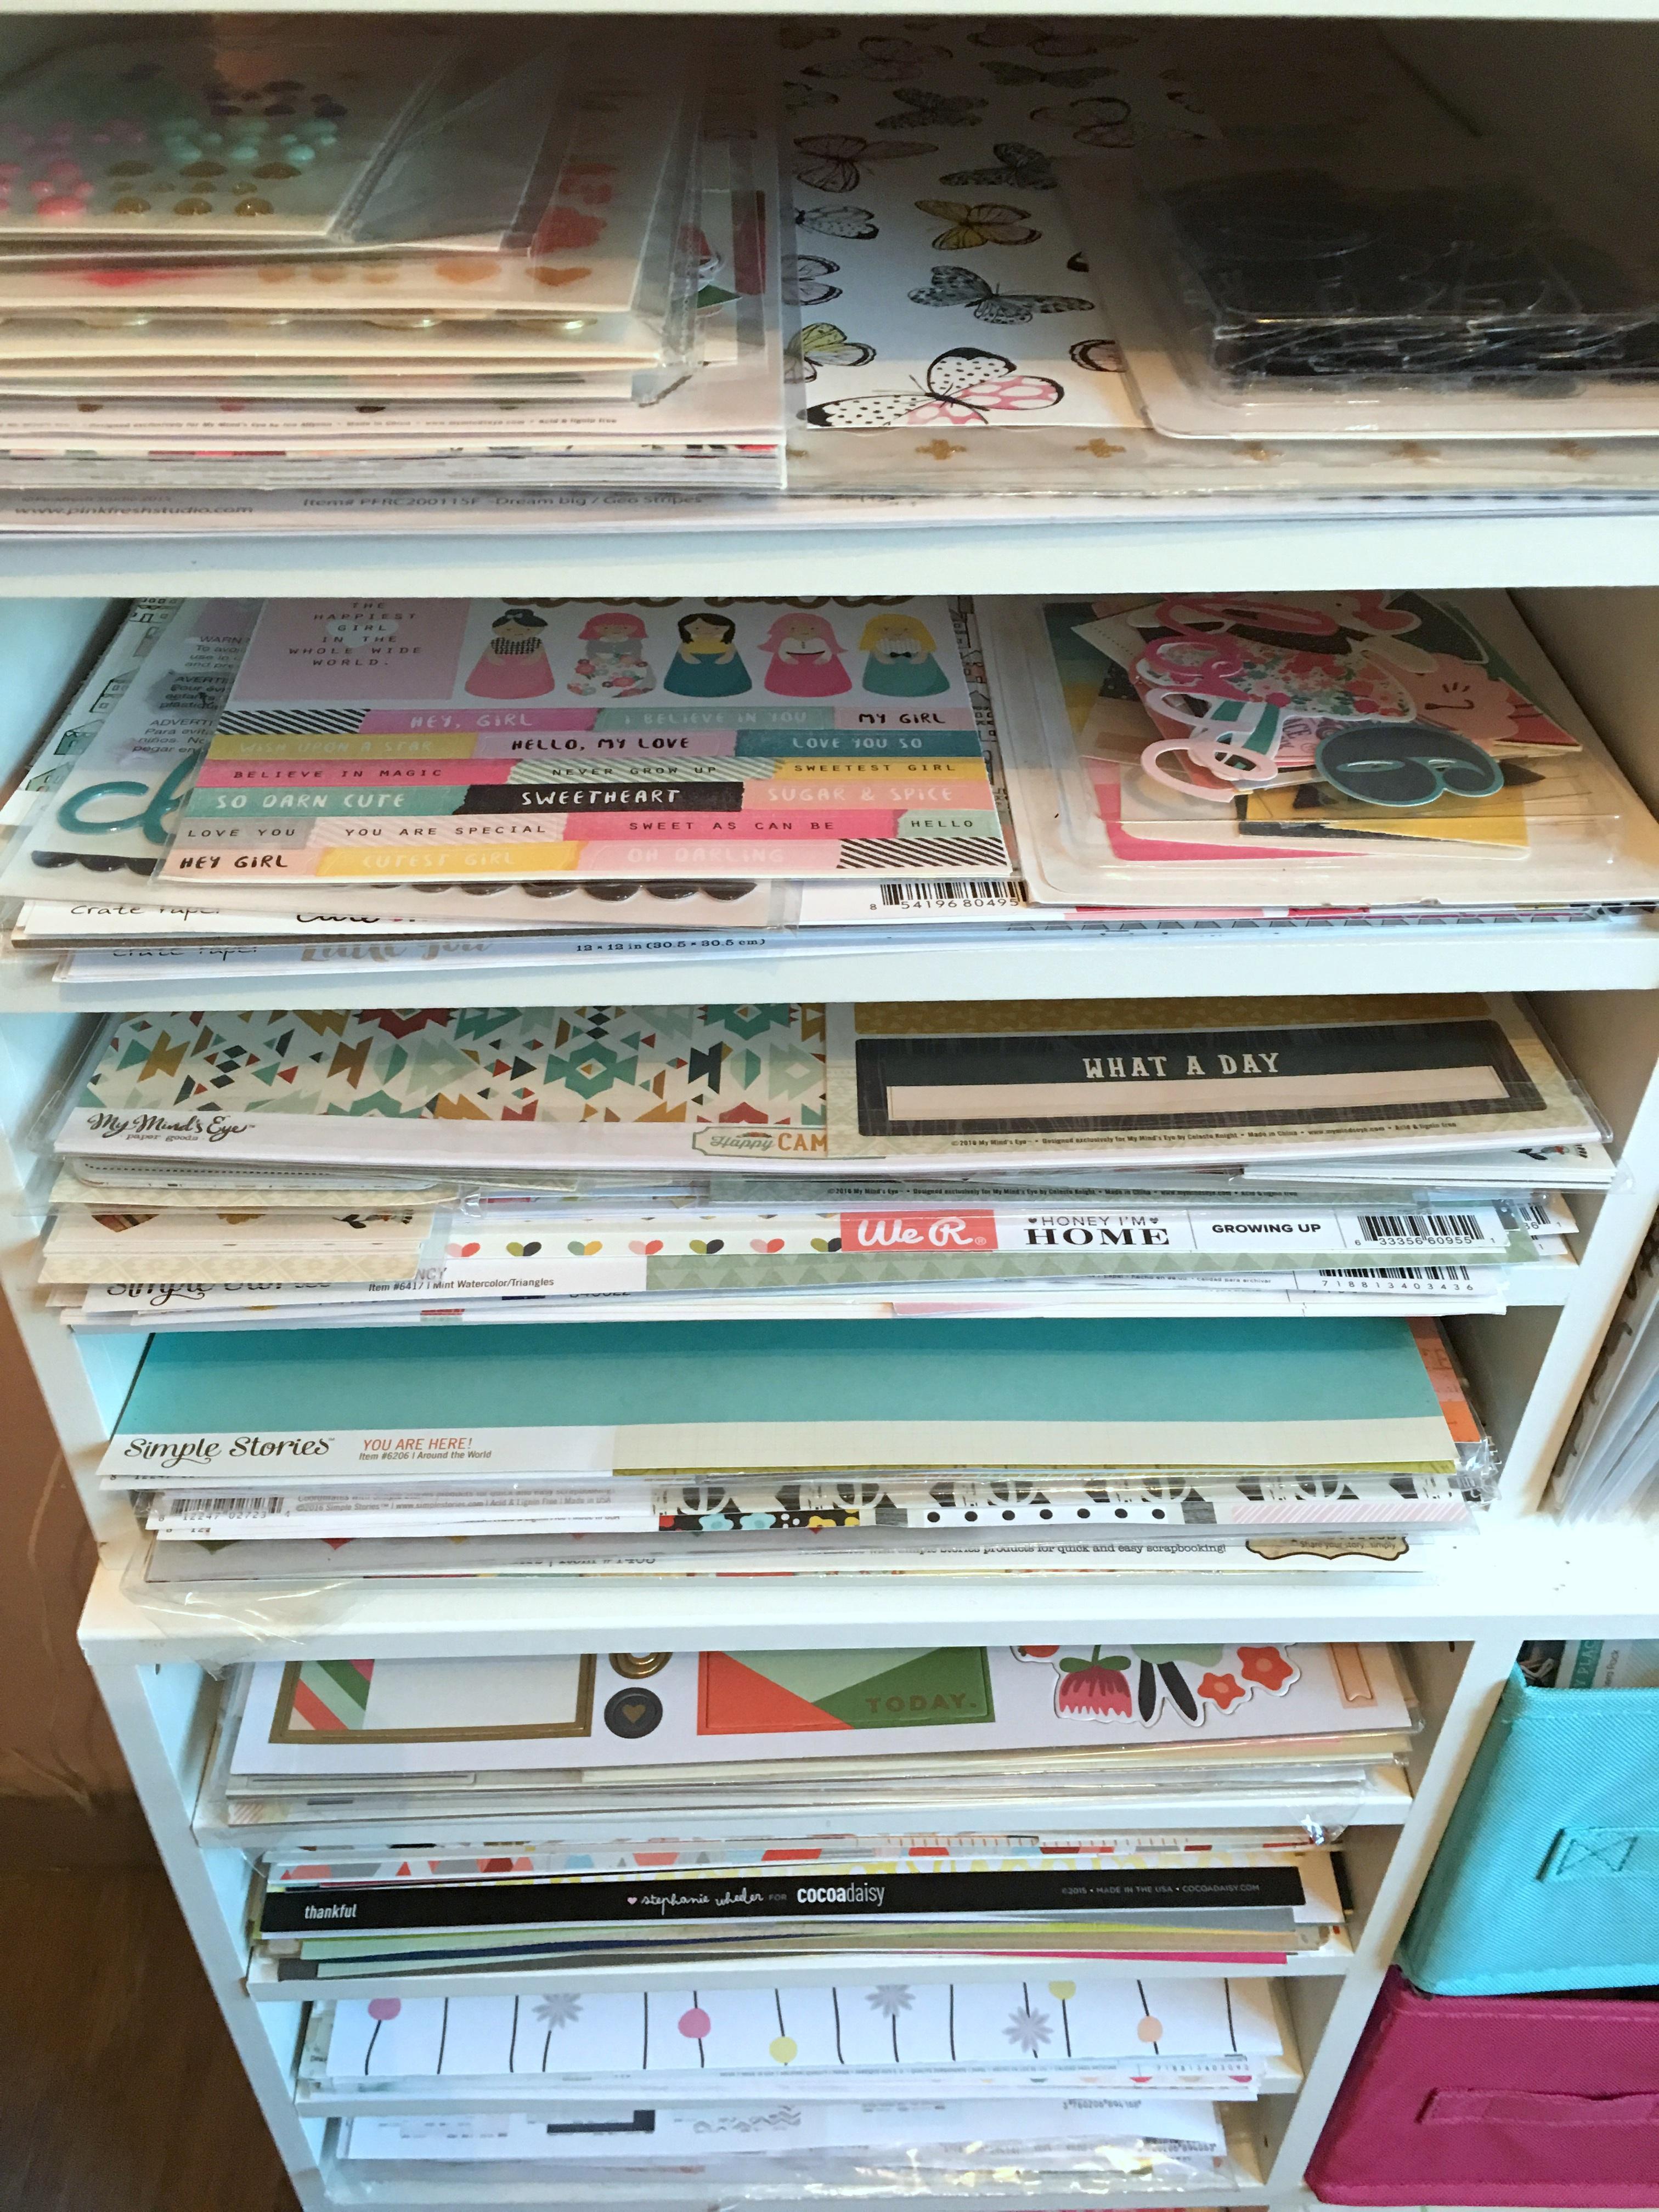 comment bien ranger ses papiers great comment bien ranger. Black Bedroom Furniture Sets. Home Design Ideas